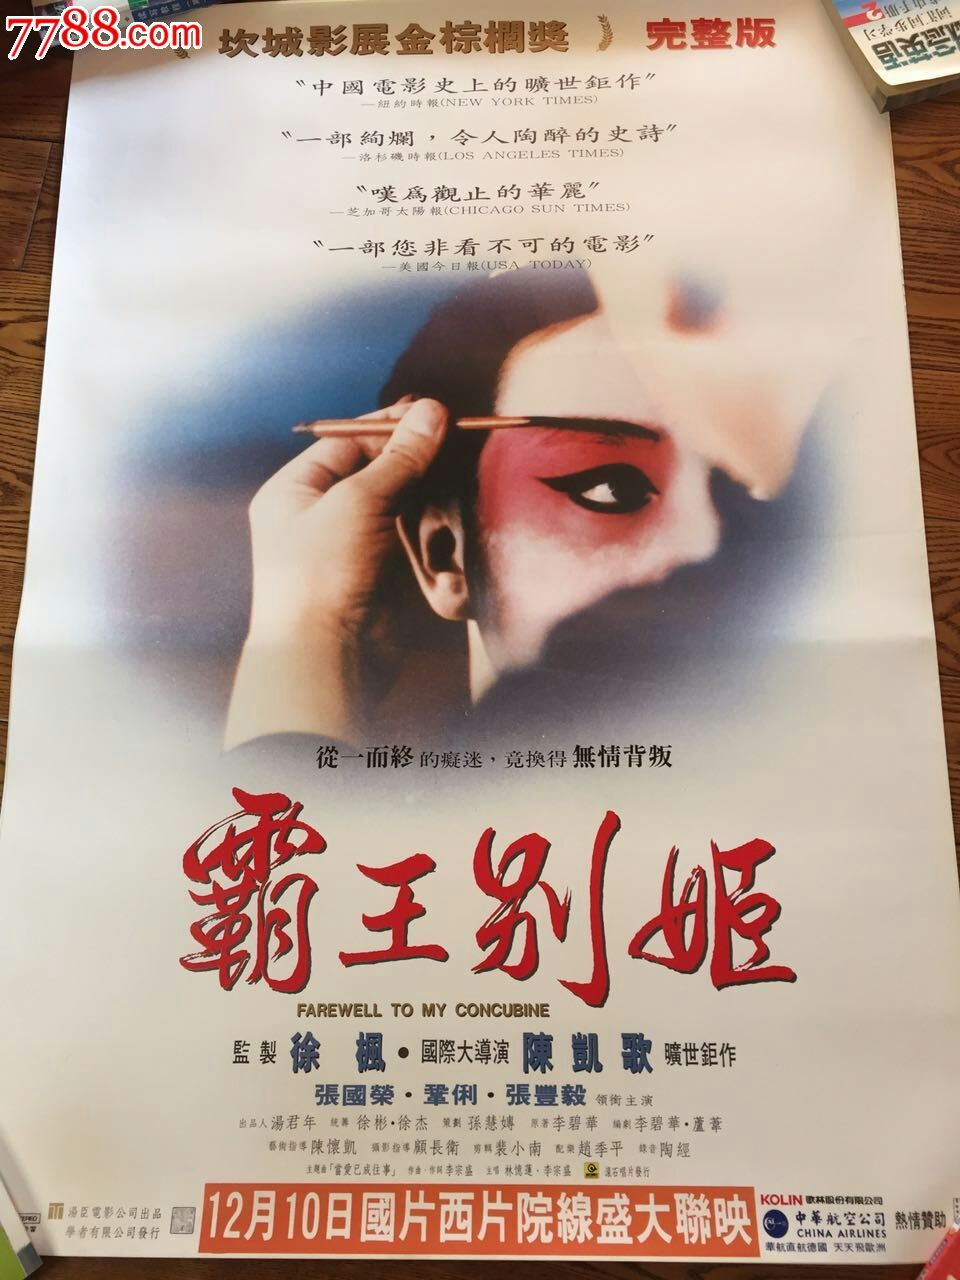 剧照视频电影截图960_1280竖版竖屏壁纸手机王佳惠图片